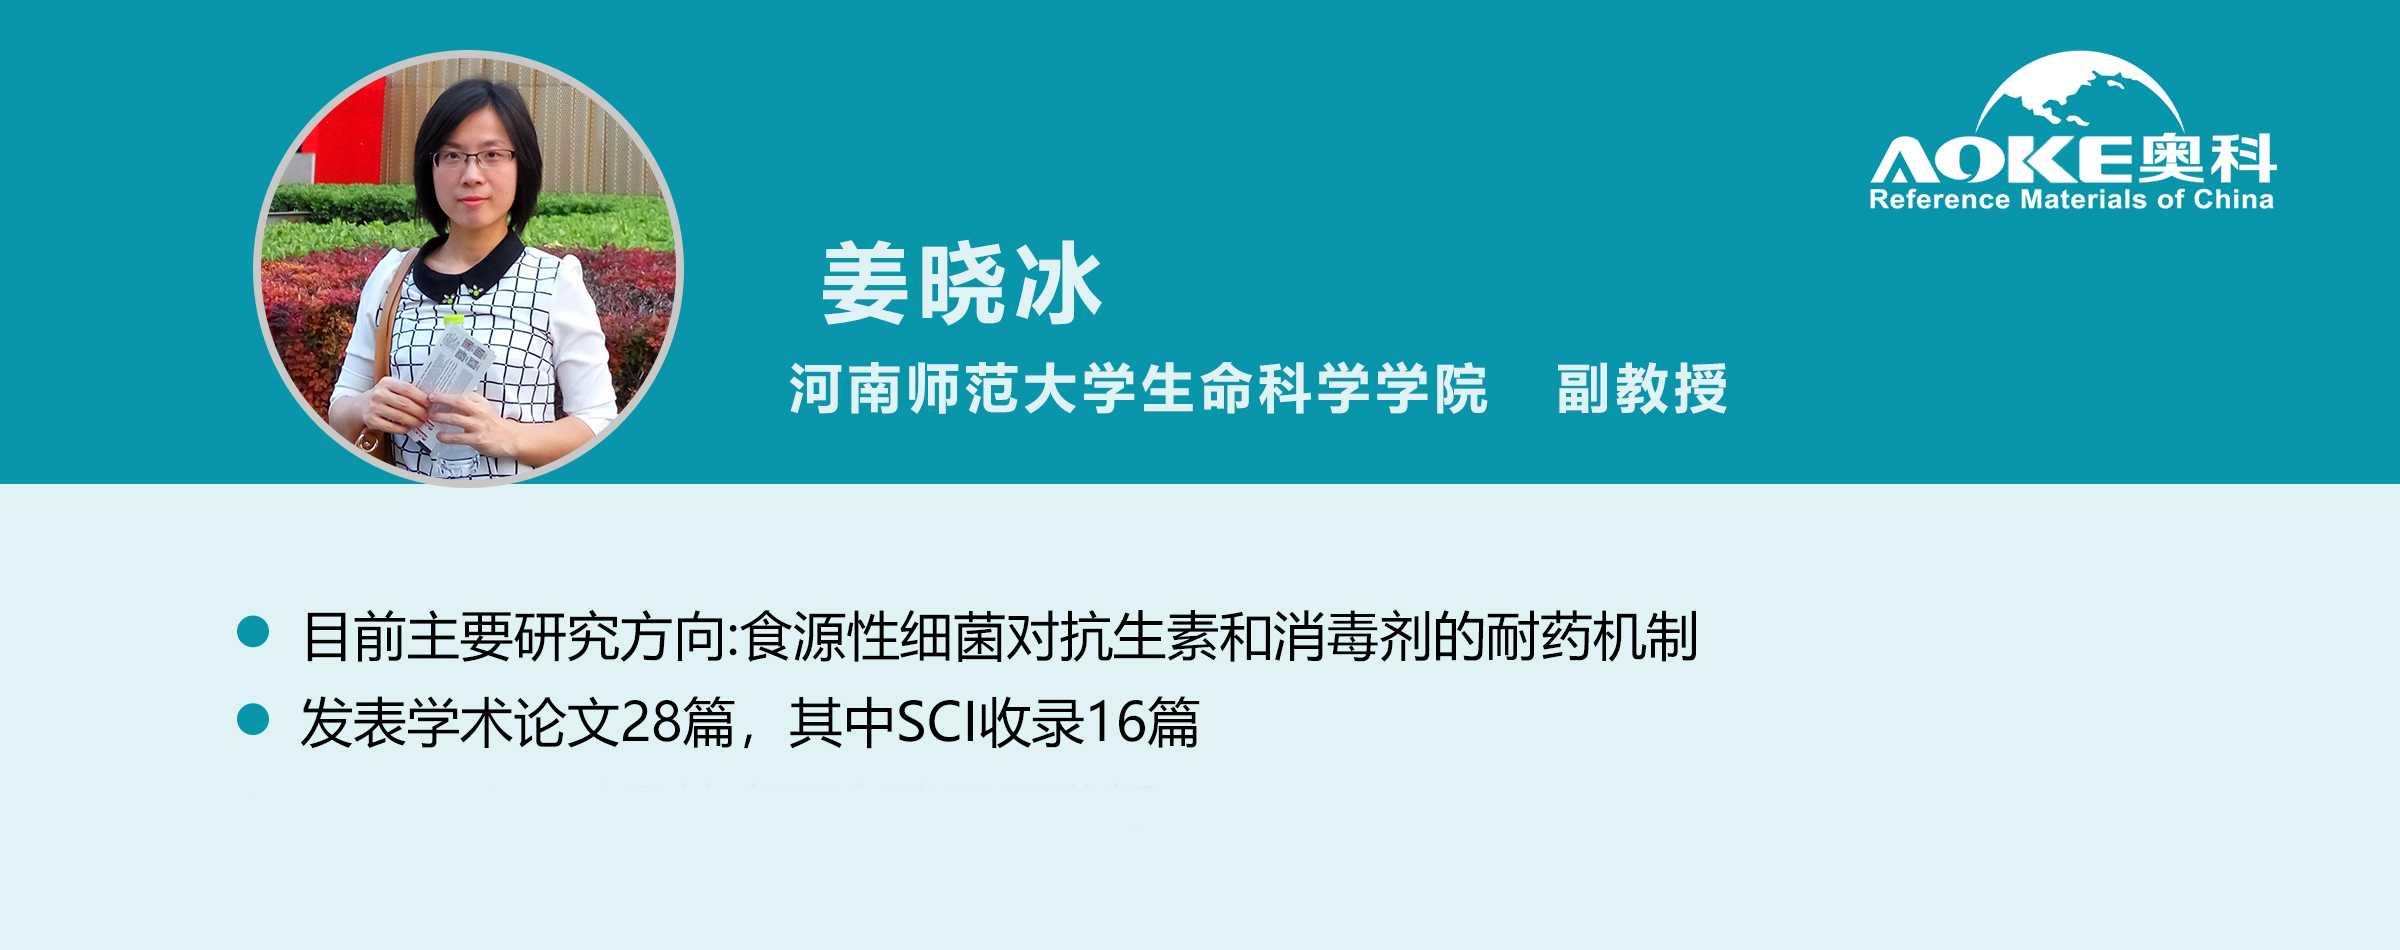 姜晓冰-www.bzwz.com-奥科集团-国家标准物质网